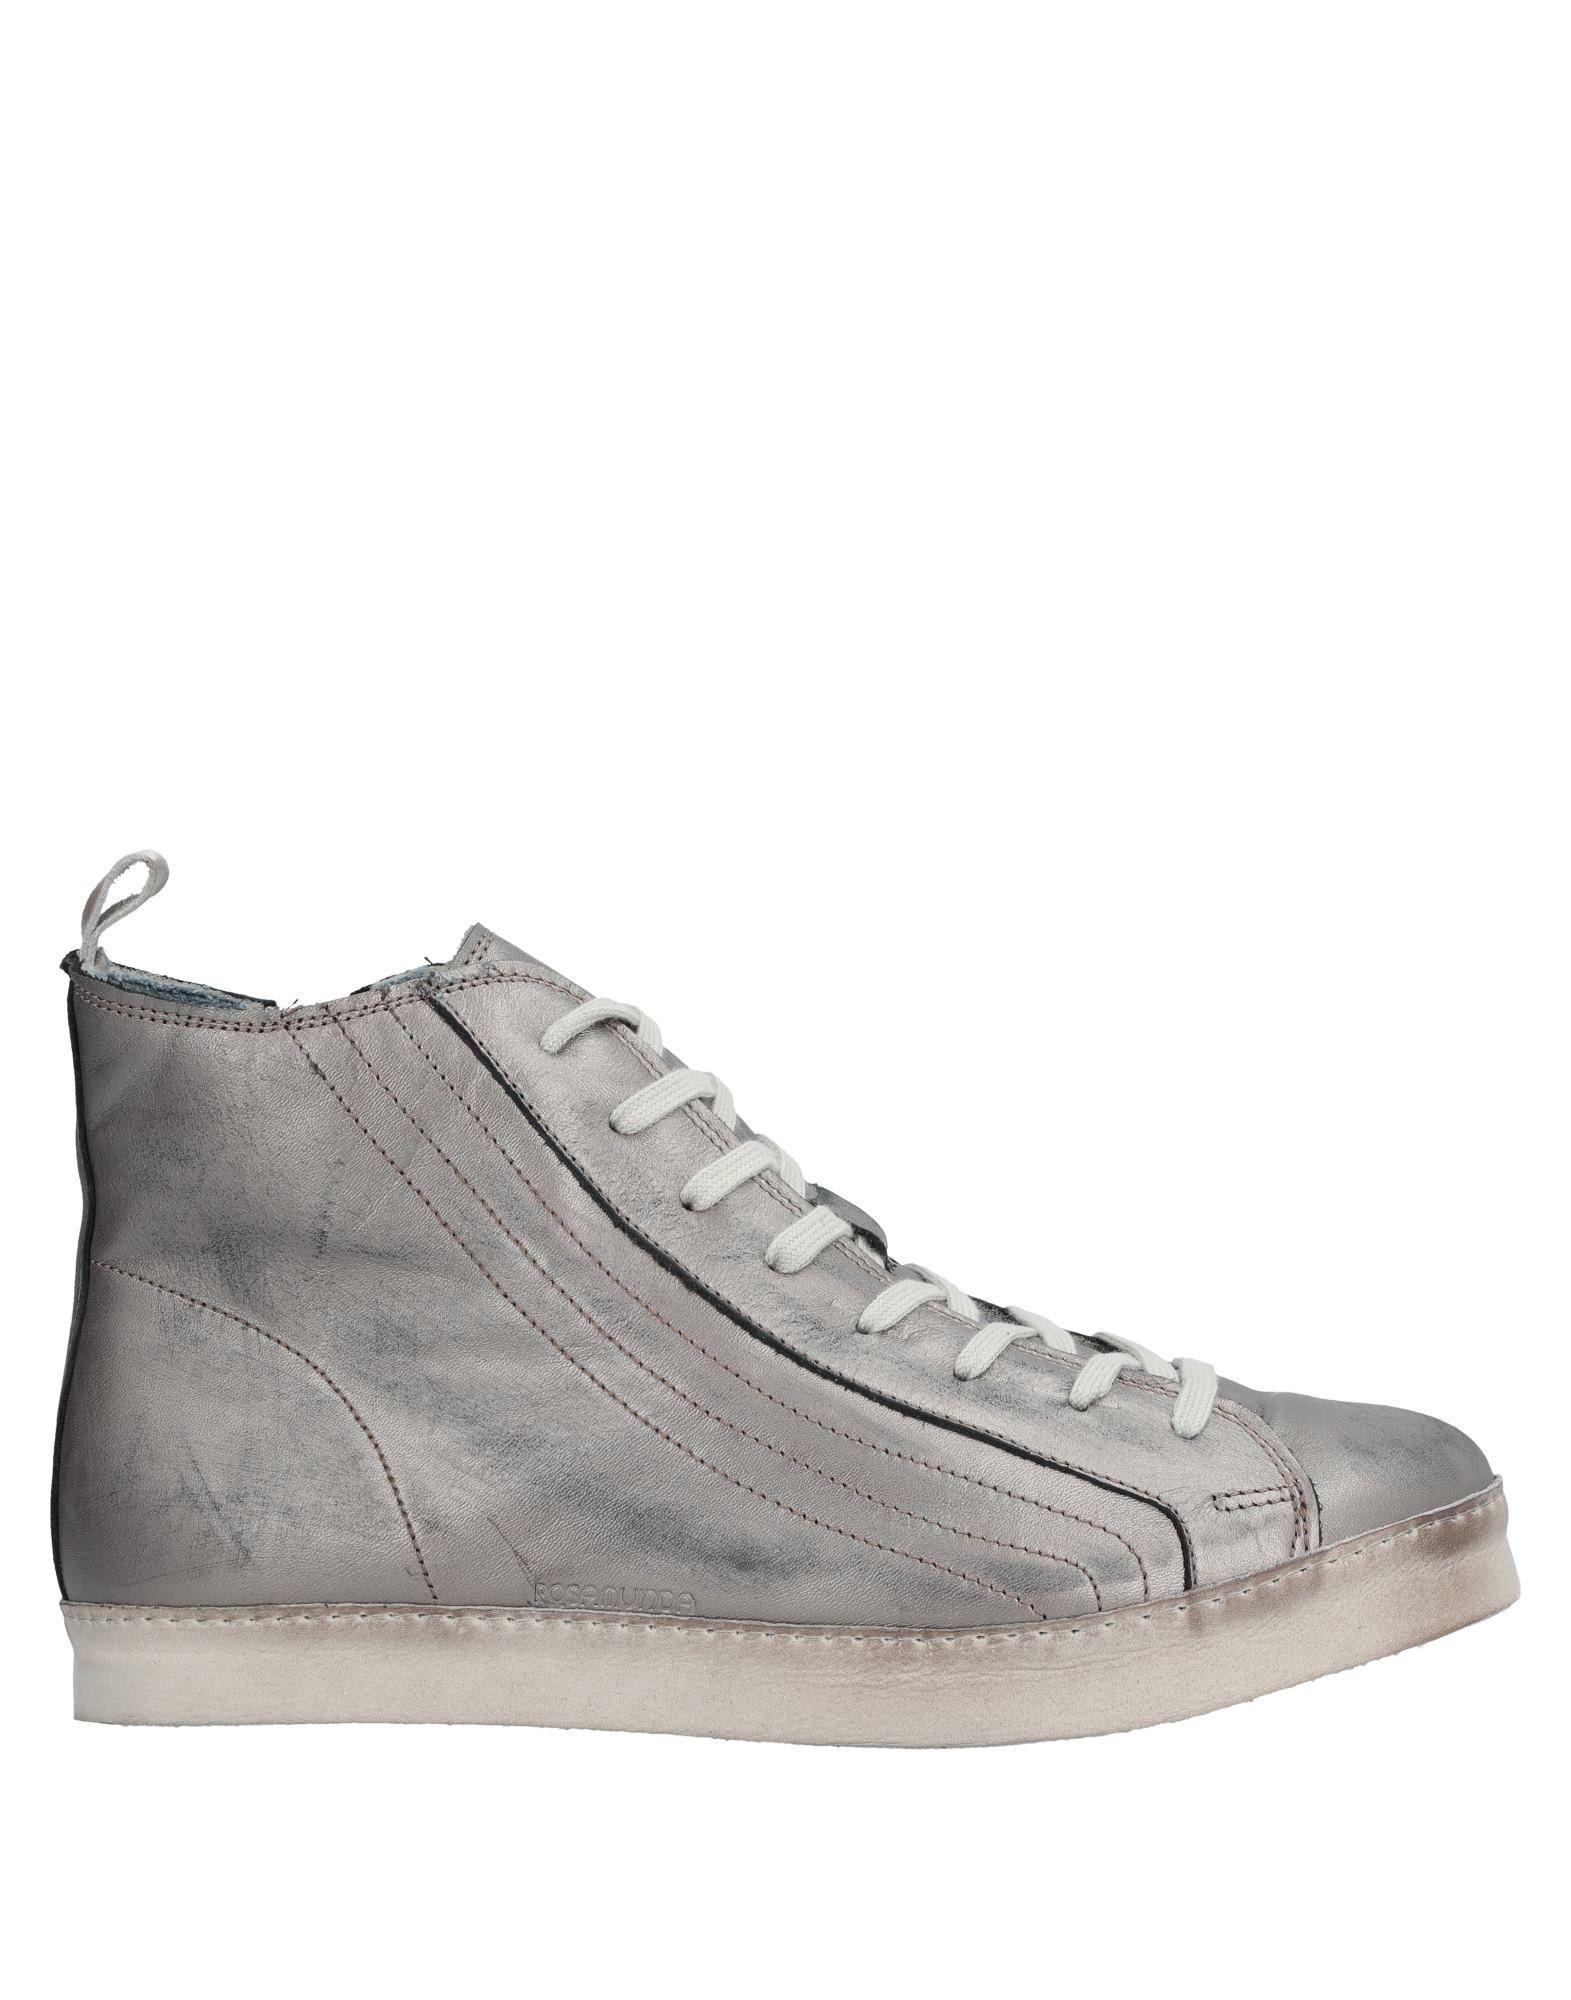 Rosamunda Sneakers Damen  11538985VU Gute Qualität beliebte Schuhe